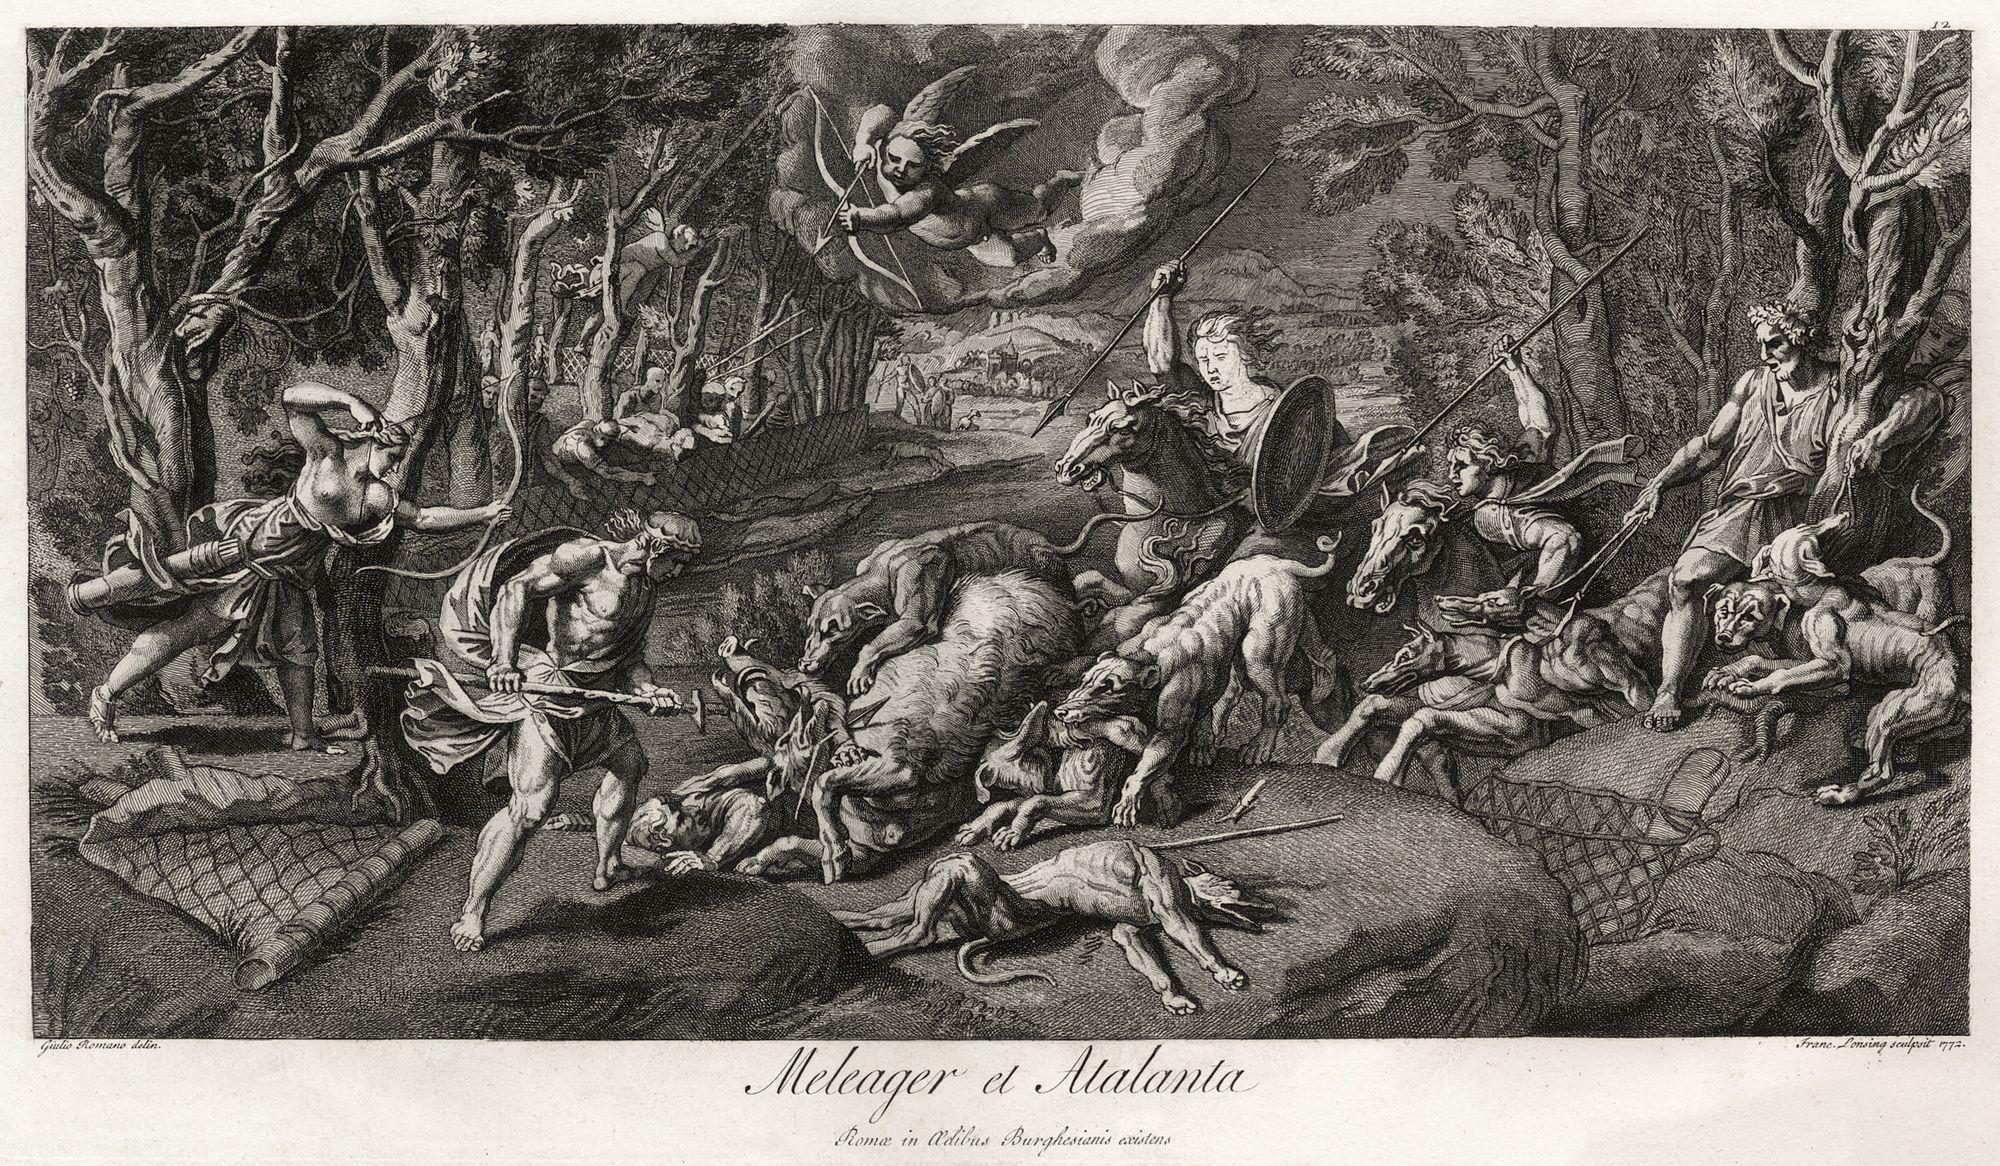 Meleagro y Atalanta czando al jabalí de Caledonia, se puede ver que la unica mujer que participa en la lid es Atalanta.